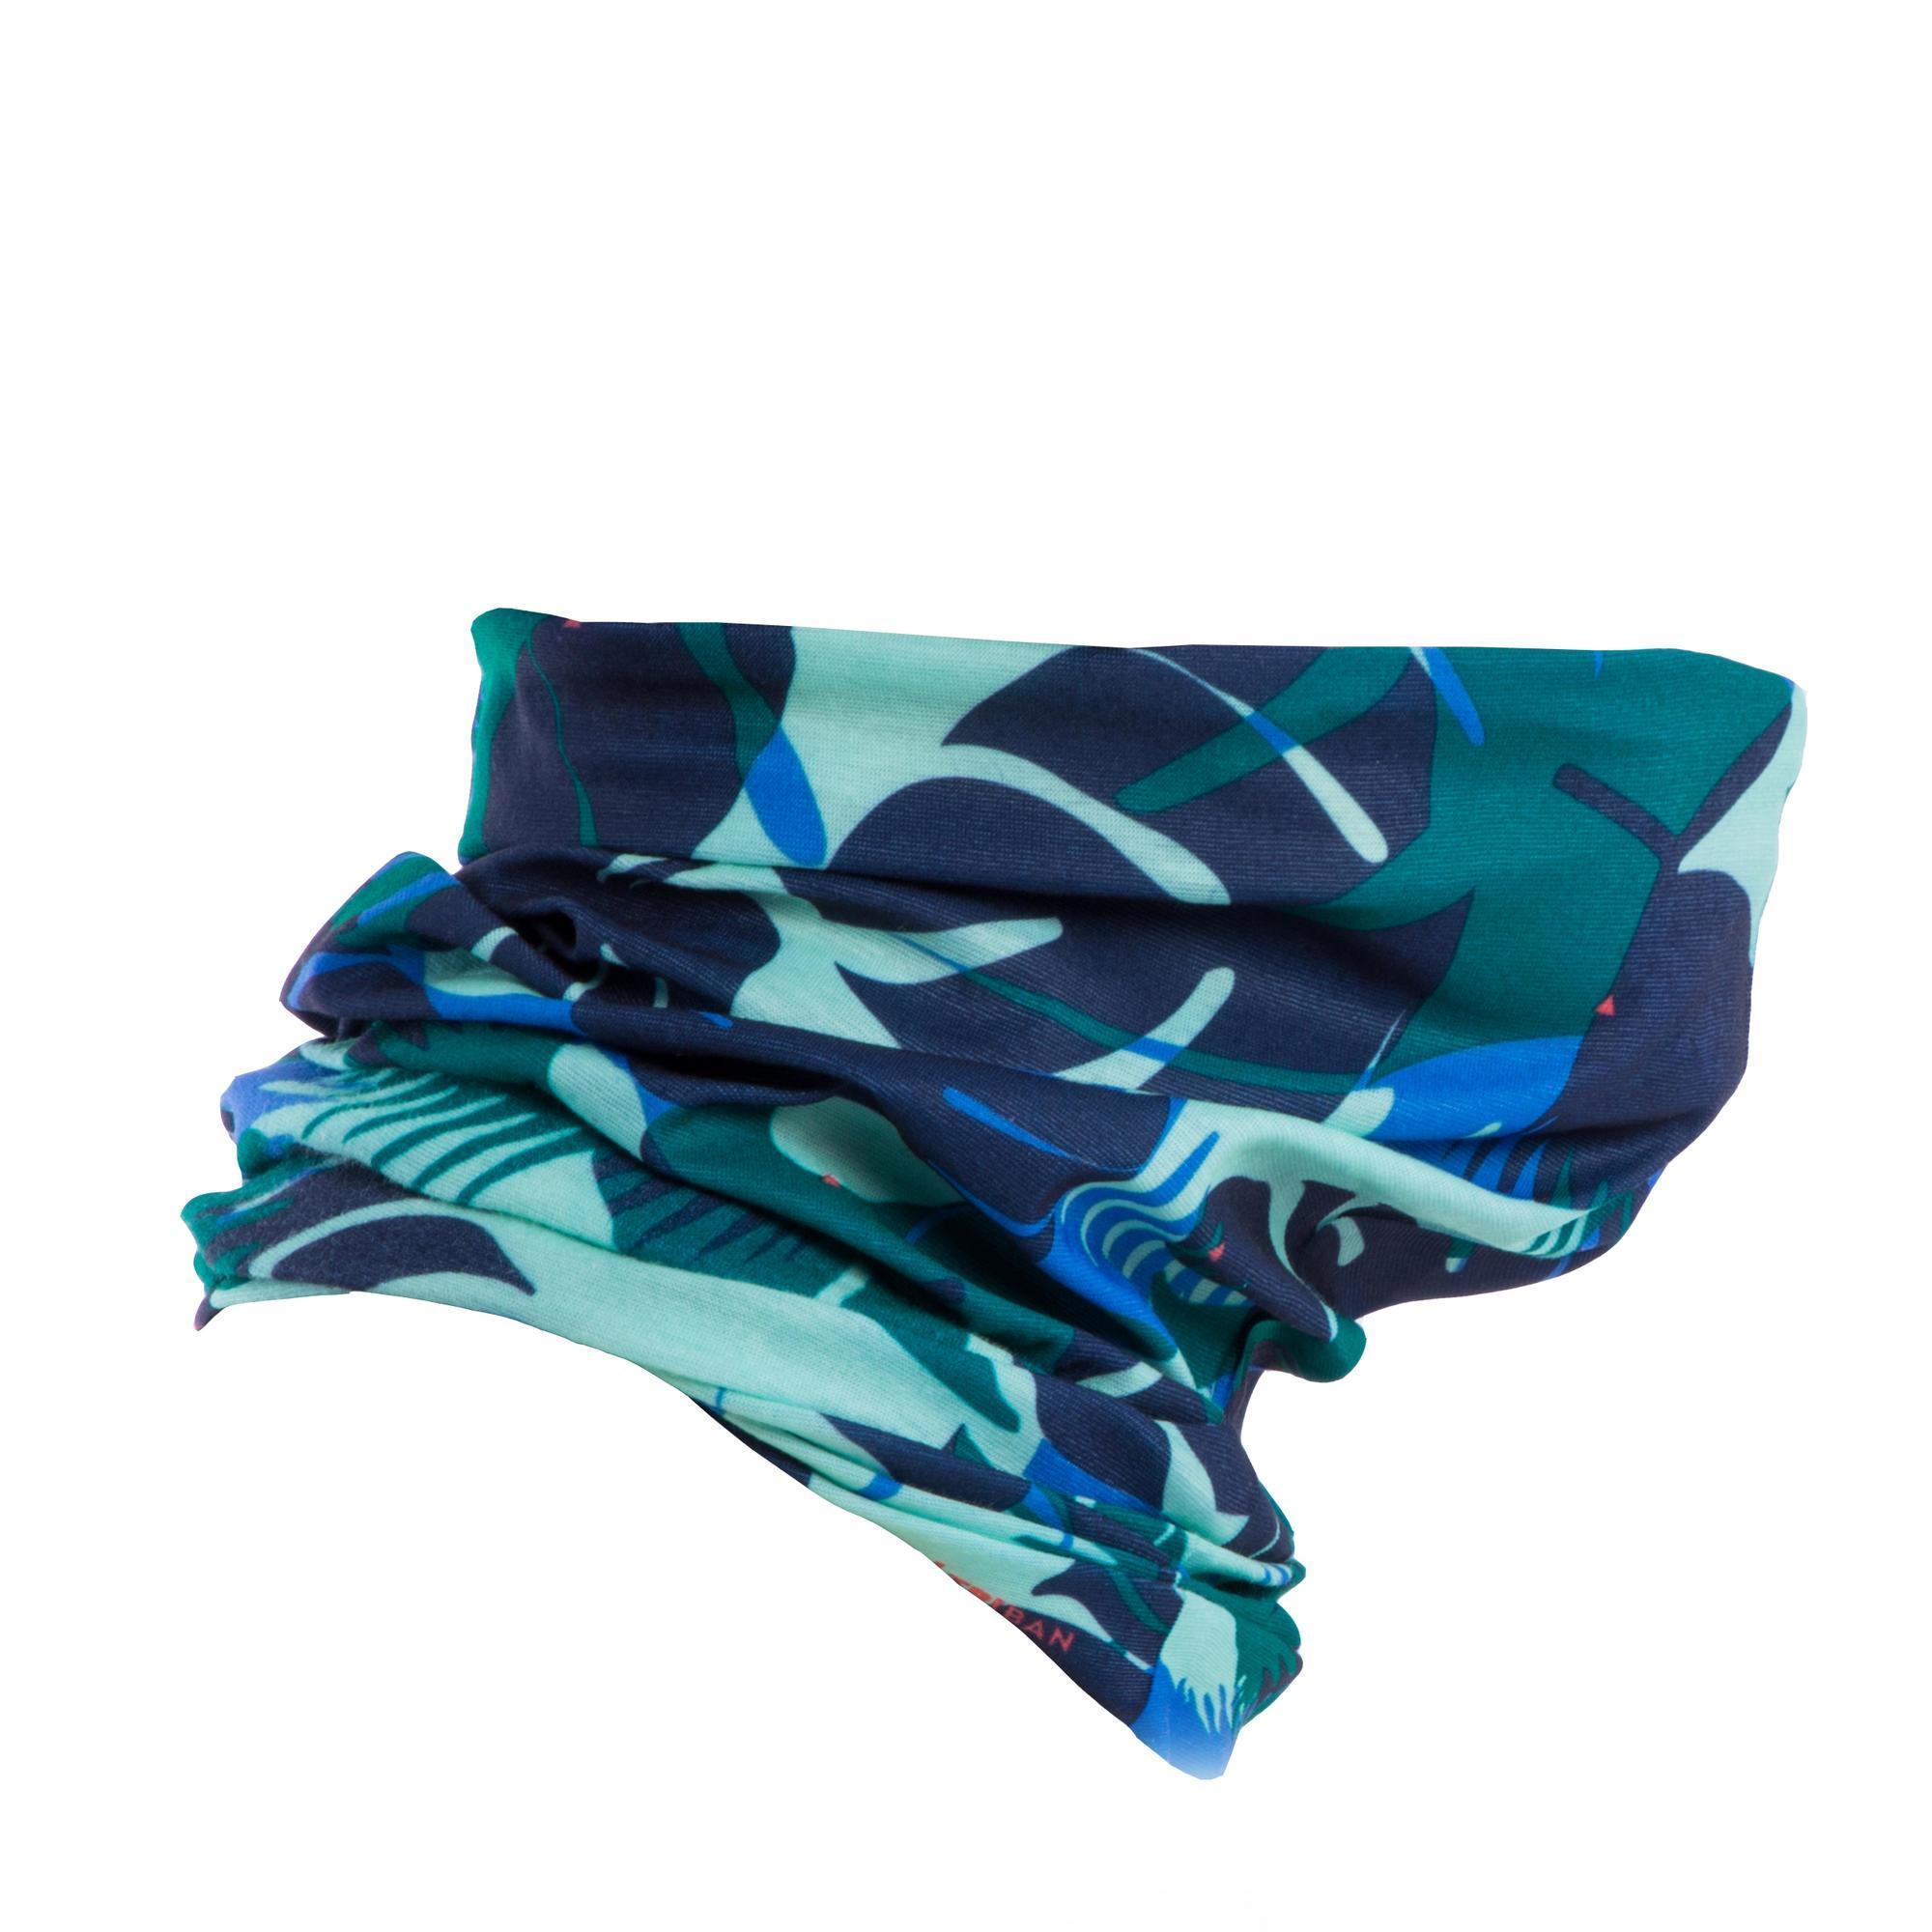 Schlauchtuch Rennrad RR 100 blau/grün | Accessoires > Schals & Tücher > Tücher | Blau - Grün | B´twin